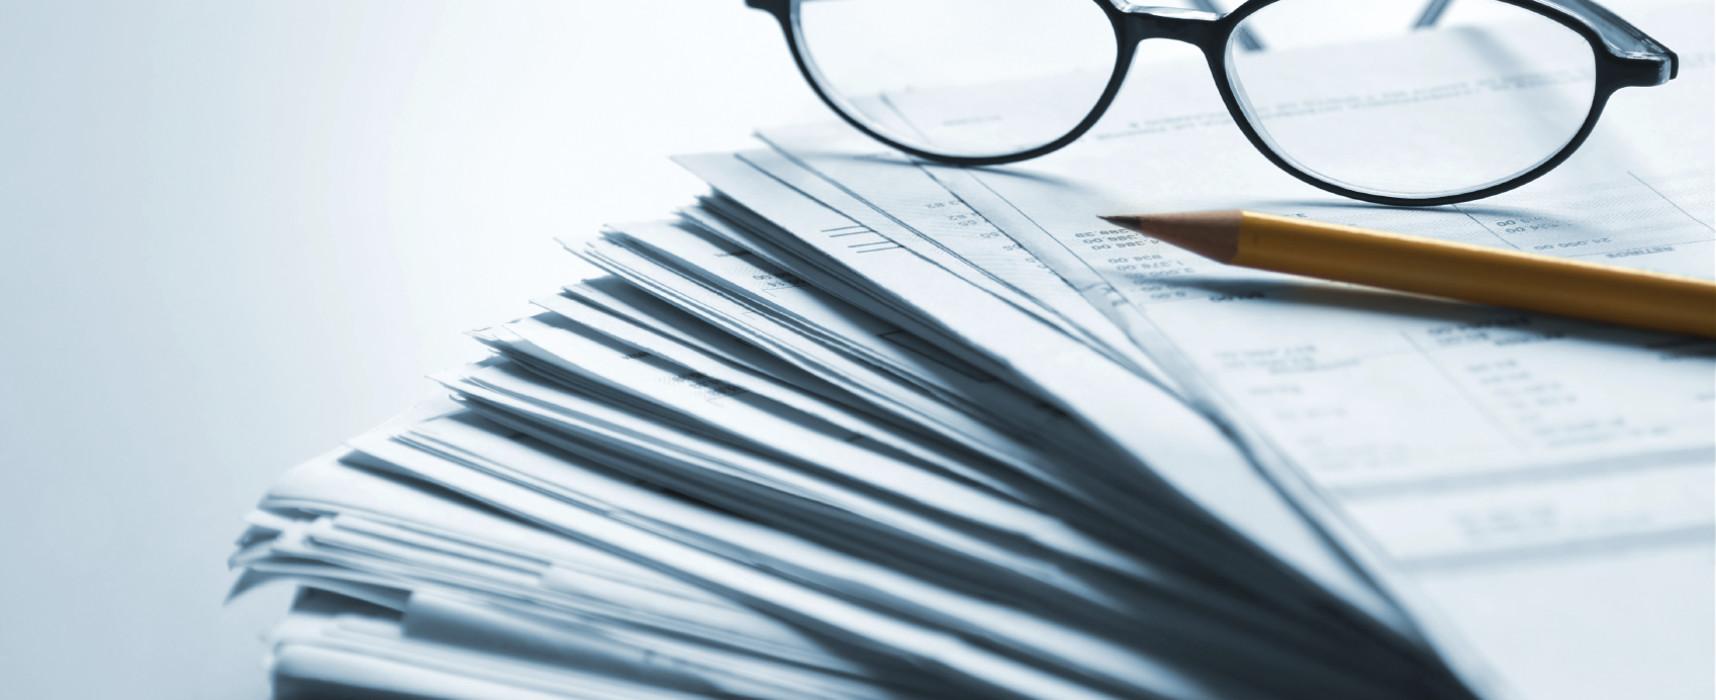 Оформление гарантийного письма о приеме на работу: что нужно знать?